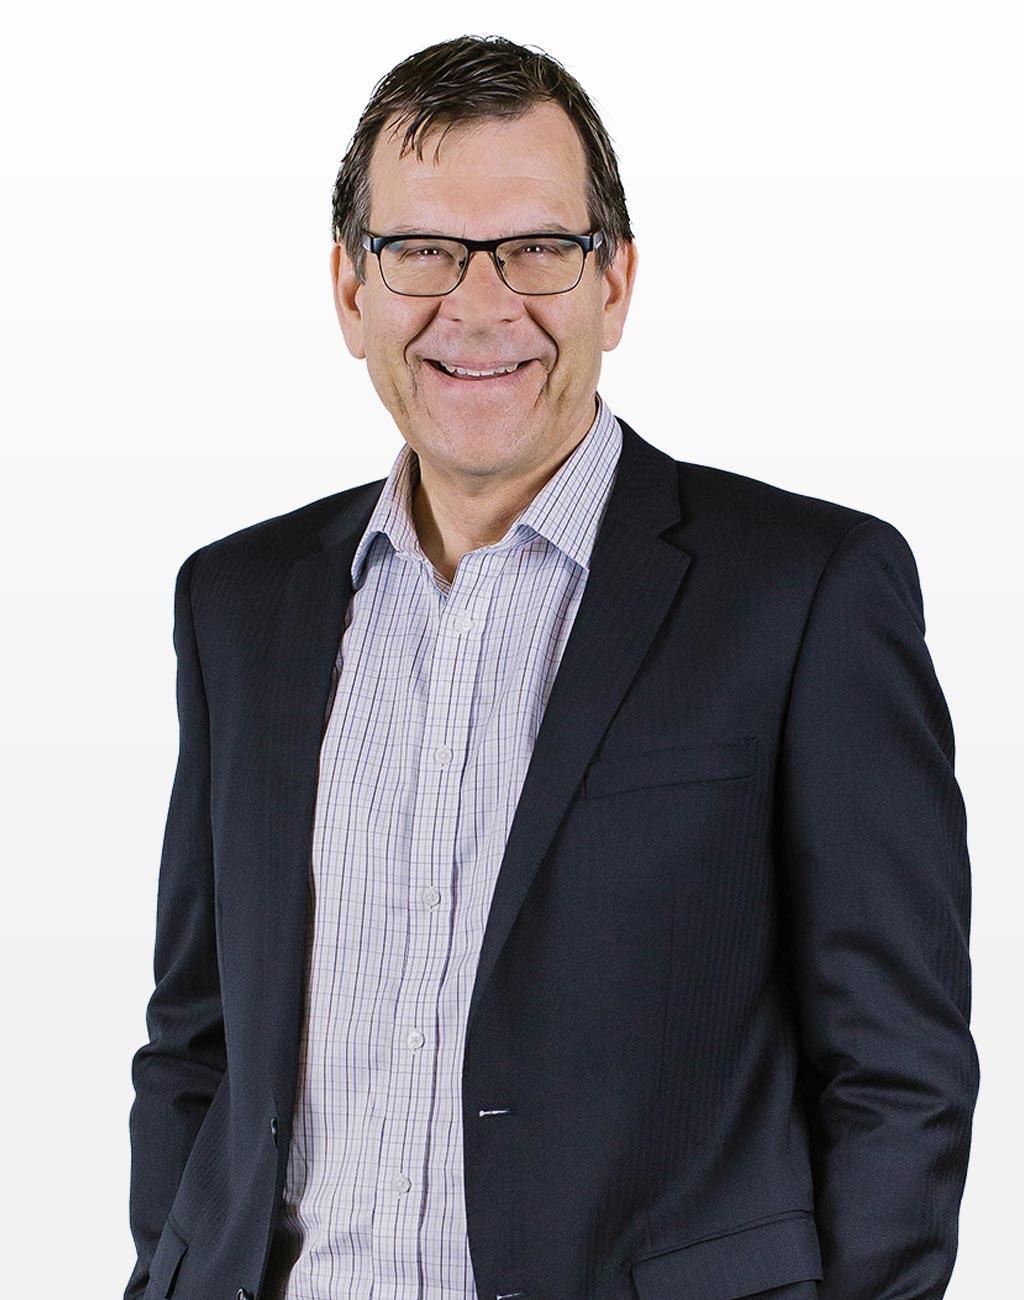 Mark Kozakiewicz